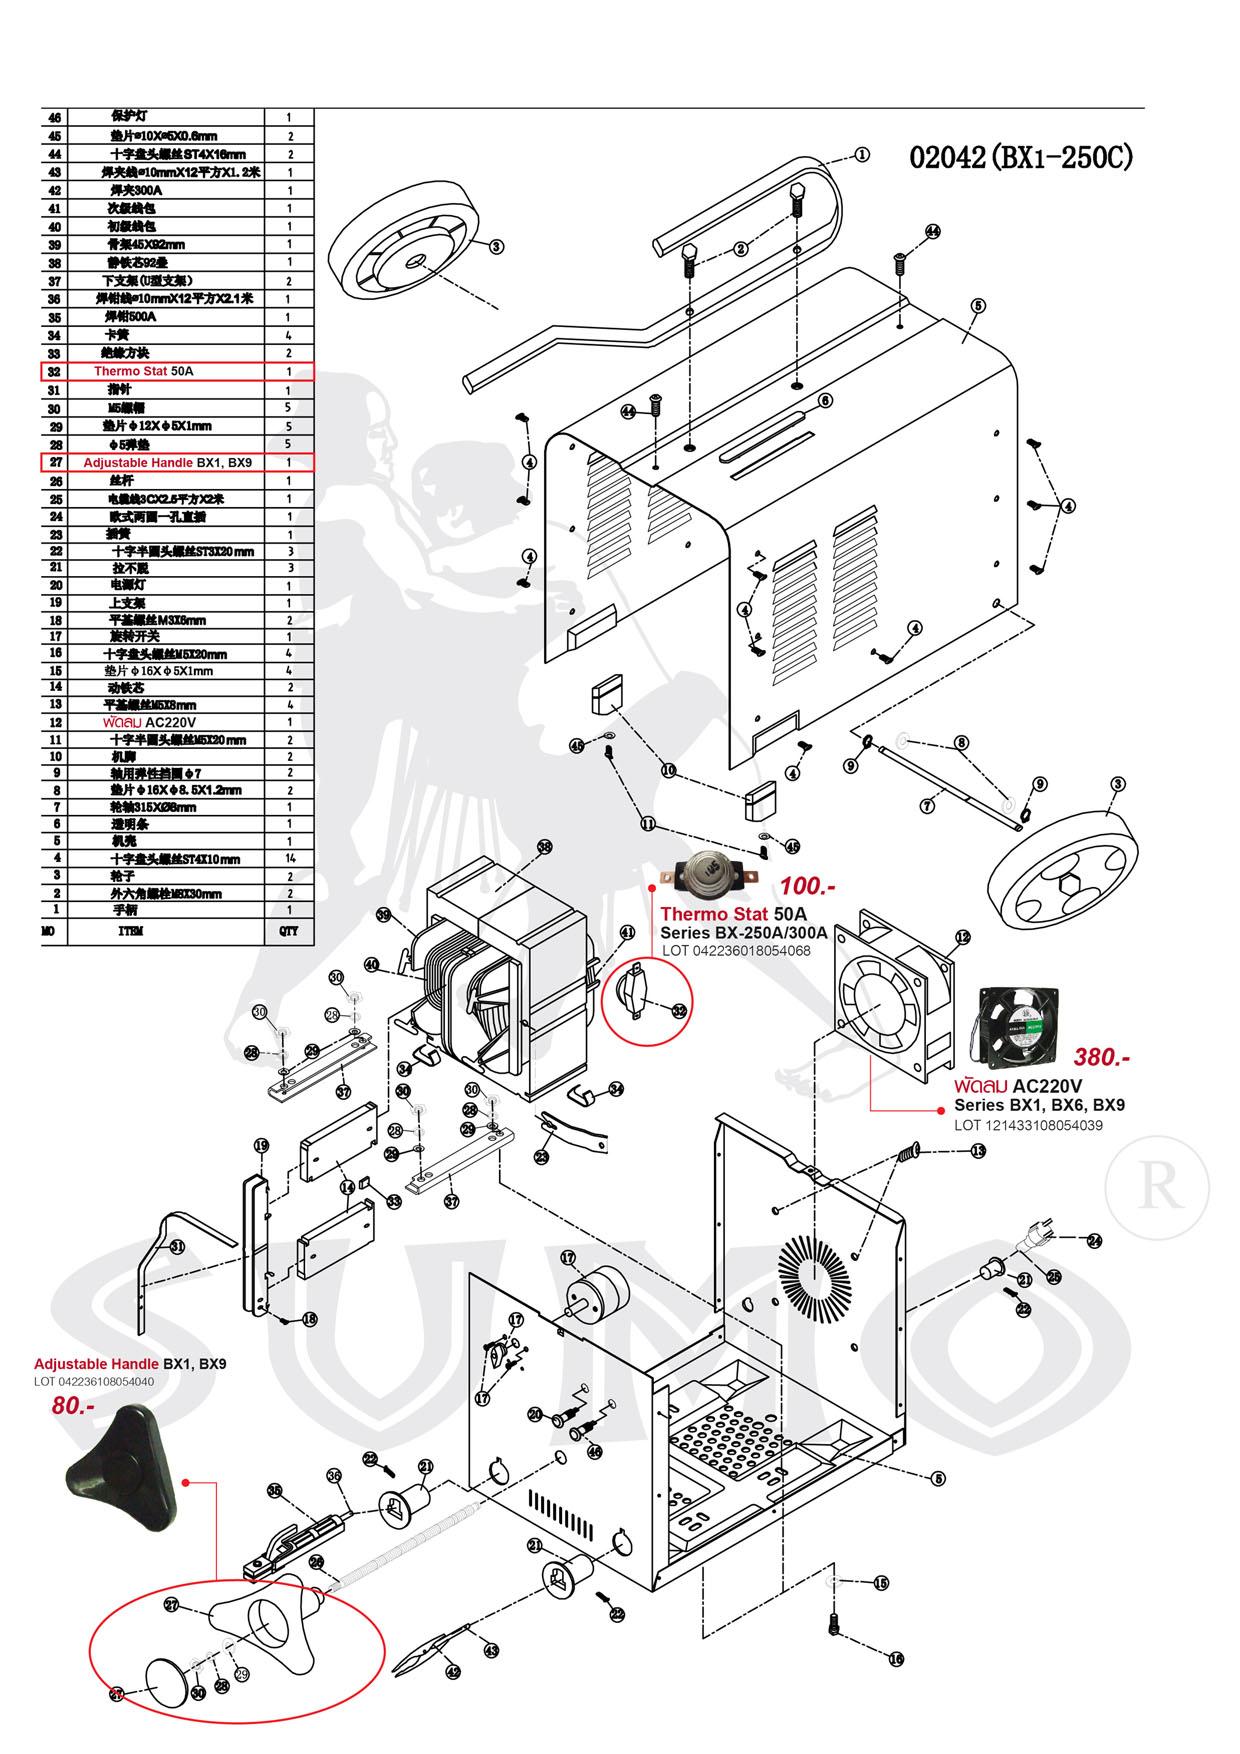 เครื่องเชื่อมไฟฟ้า - Welding Machine BX6-300 Series